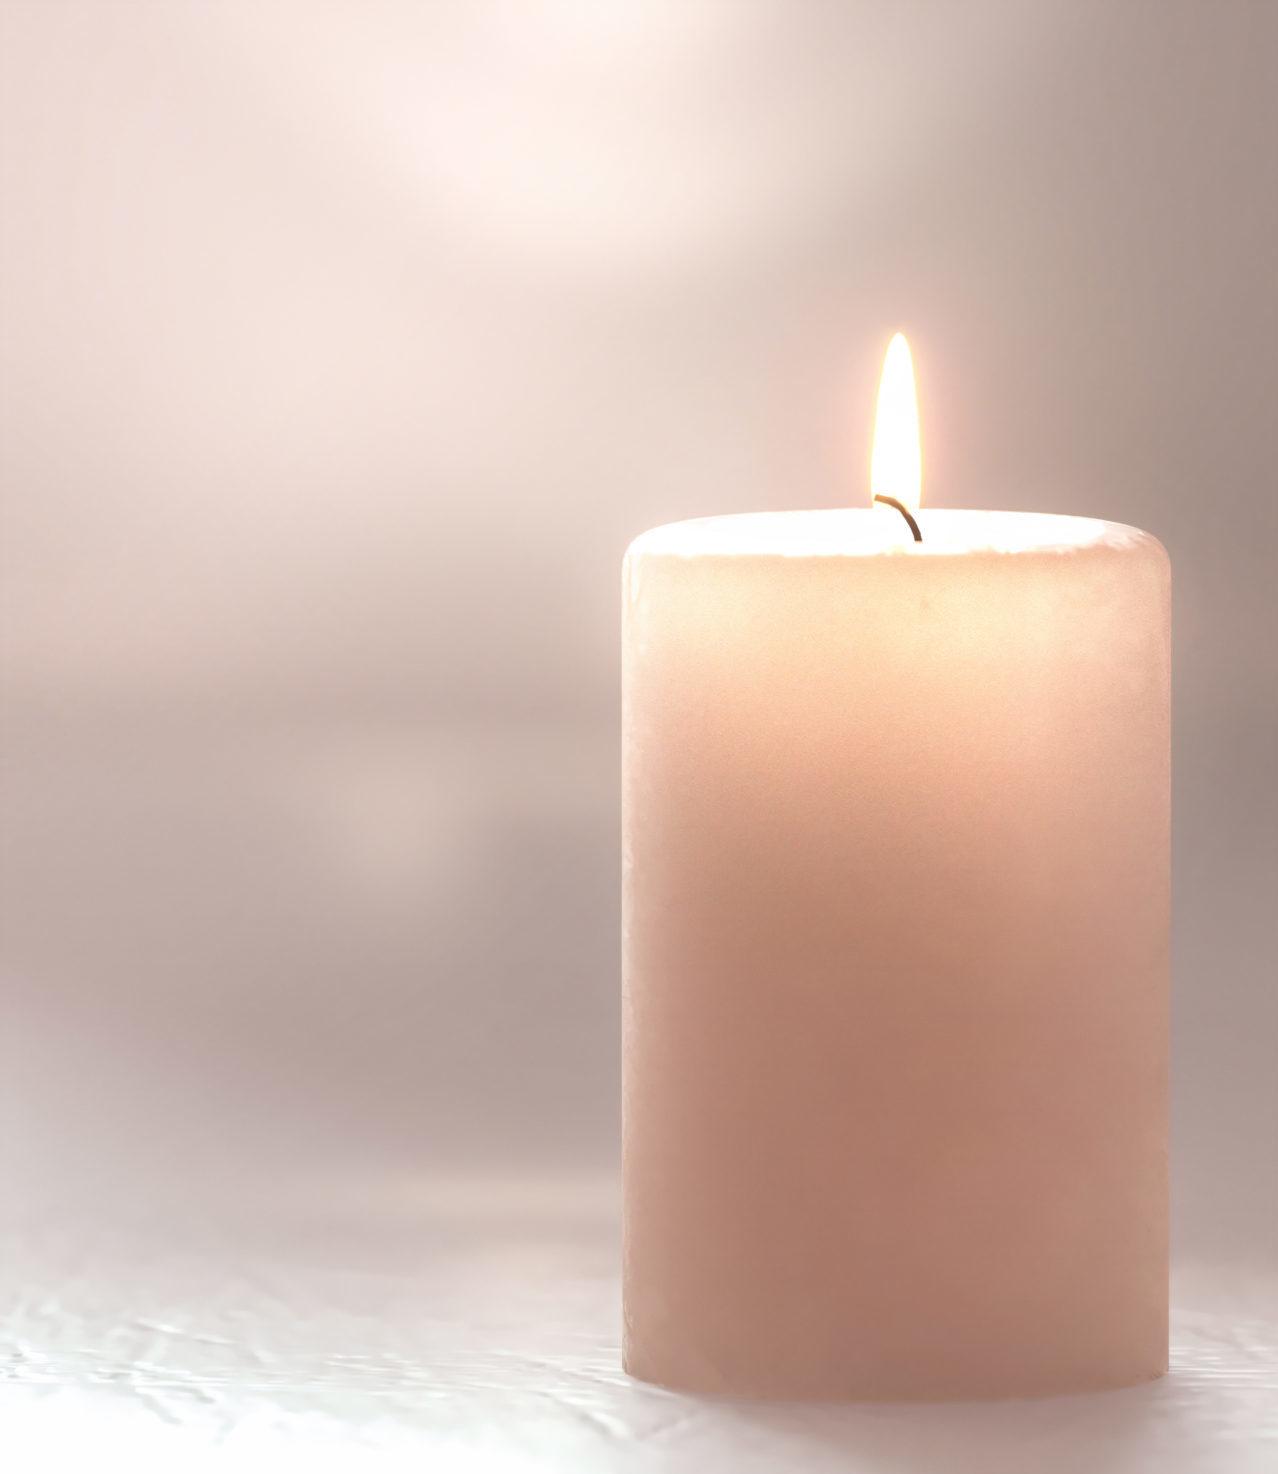 Diese Duftgeschichte verlängert die Kerzenmeditation für die größeren Kinder – und regt die Sinne an